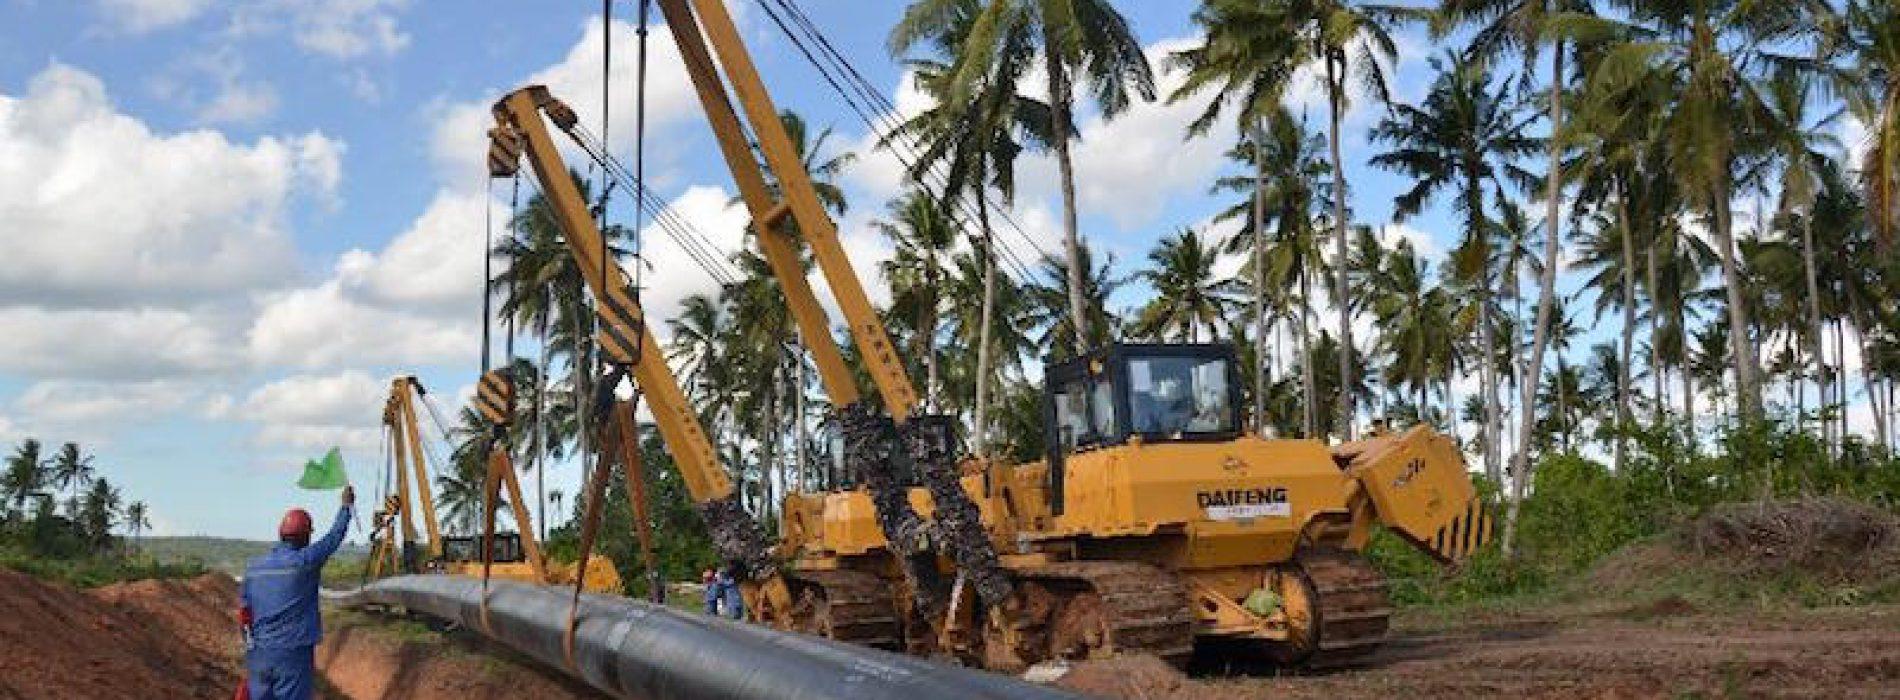 La Tanzania pianifica un gasdotto verso l'Uganda